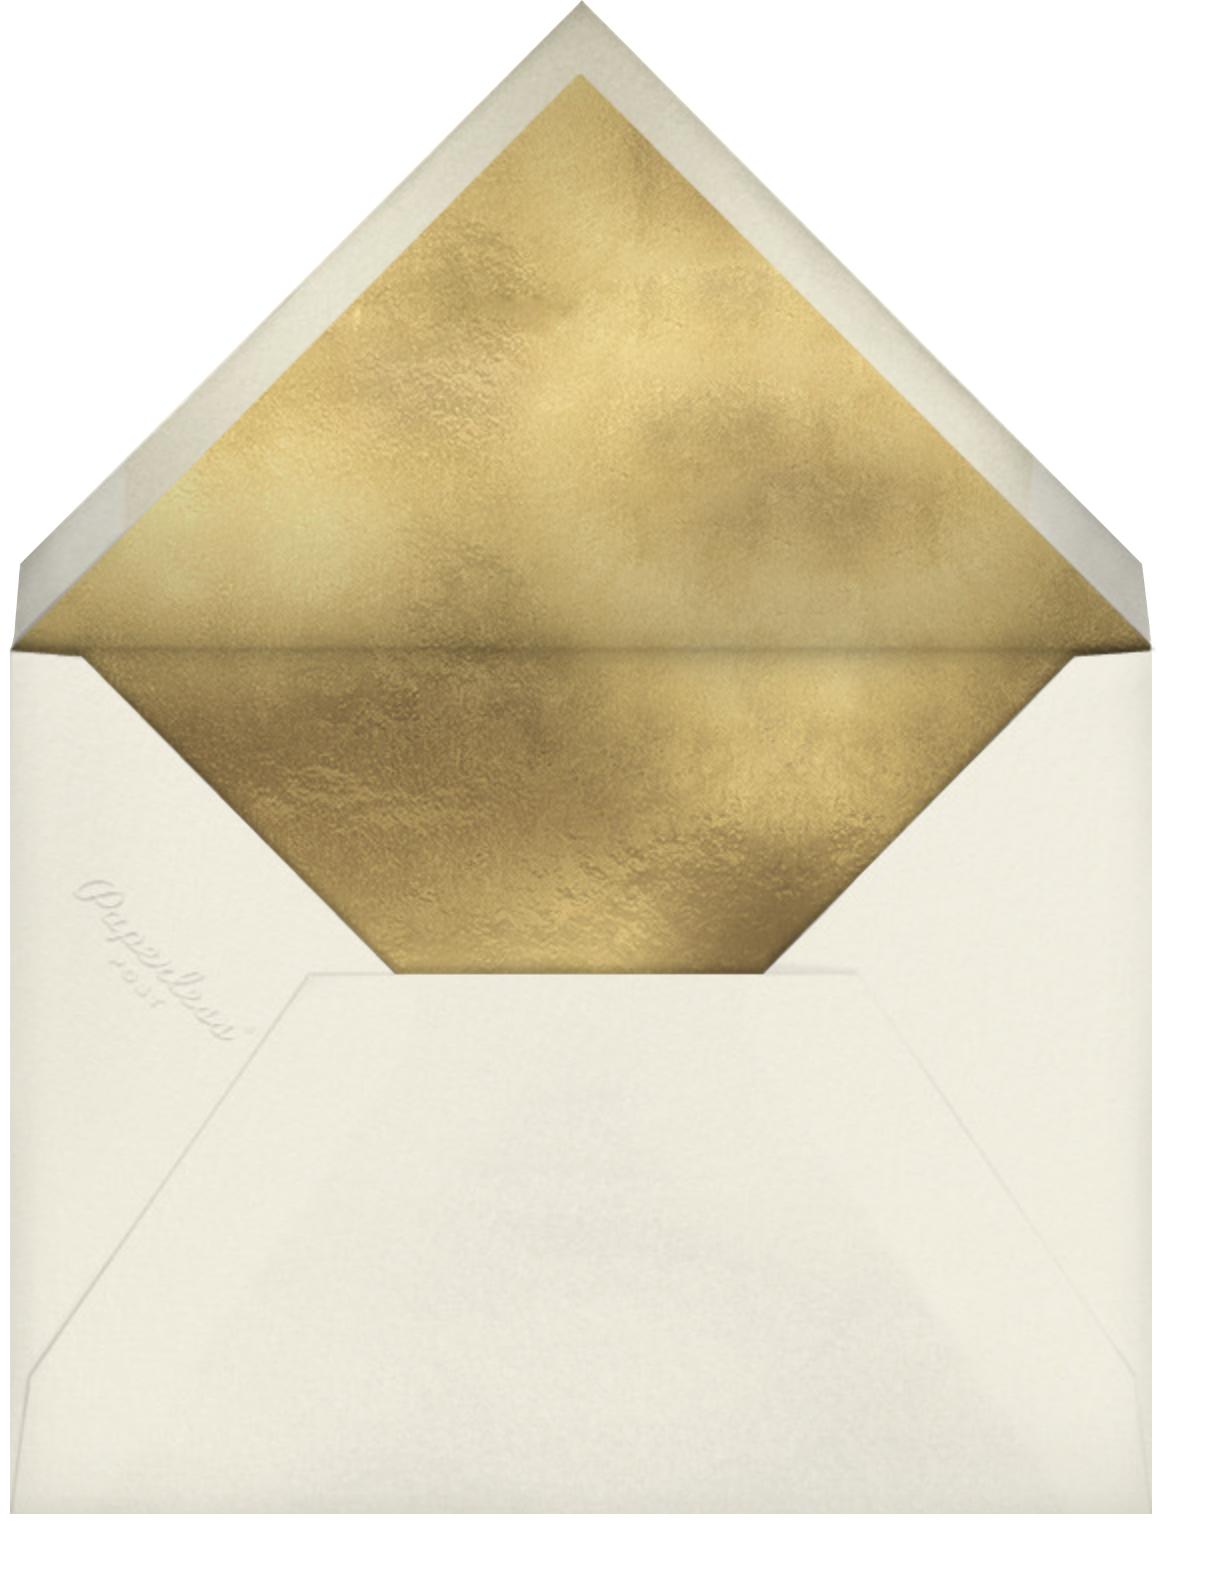 Botanical Ribbon - Red - Oscar de la Renta - Envelope